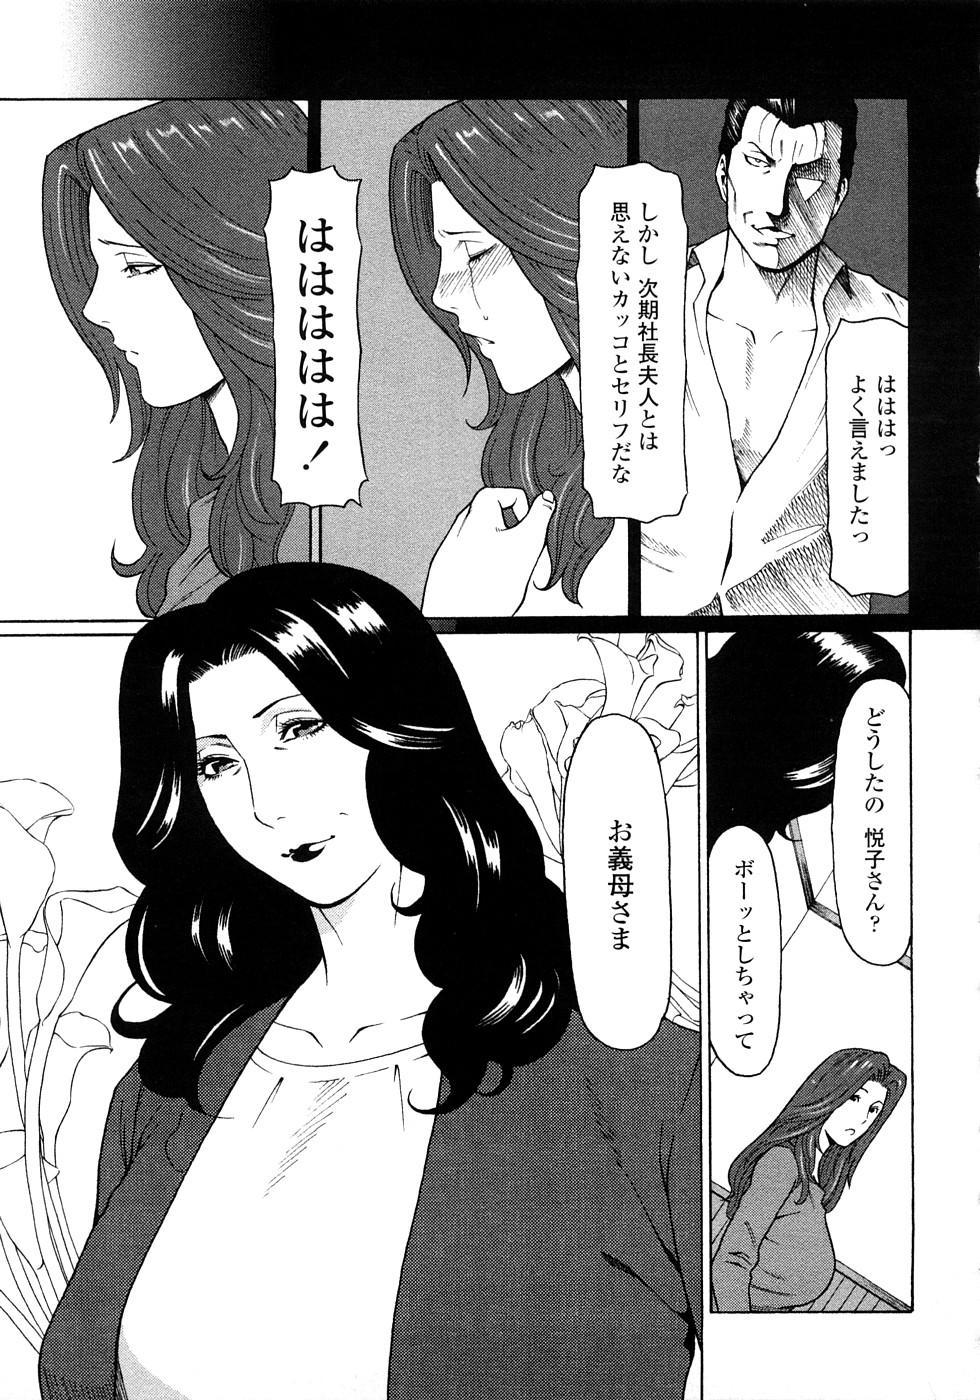 Etsuraku no Tobira - The Door of Sexual Pleasure 43